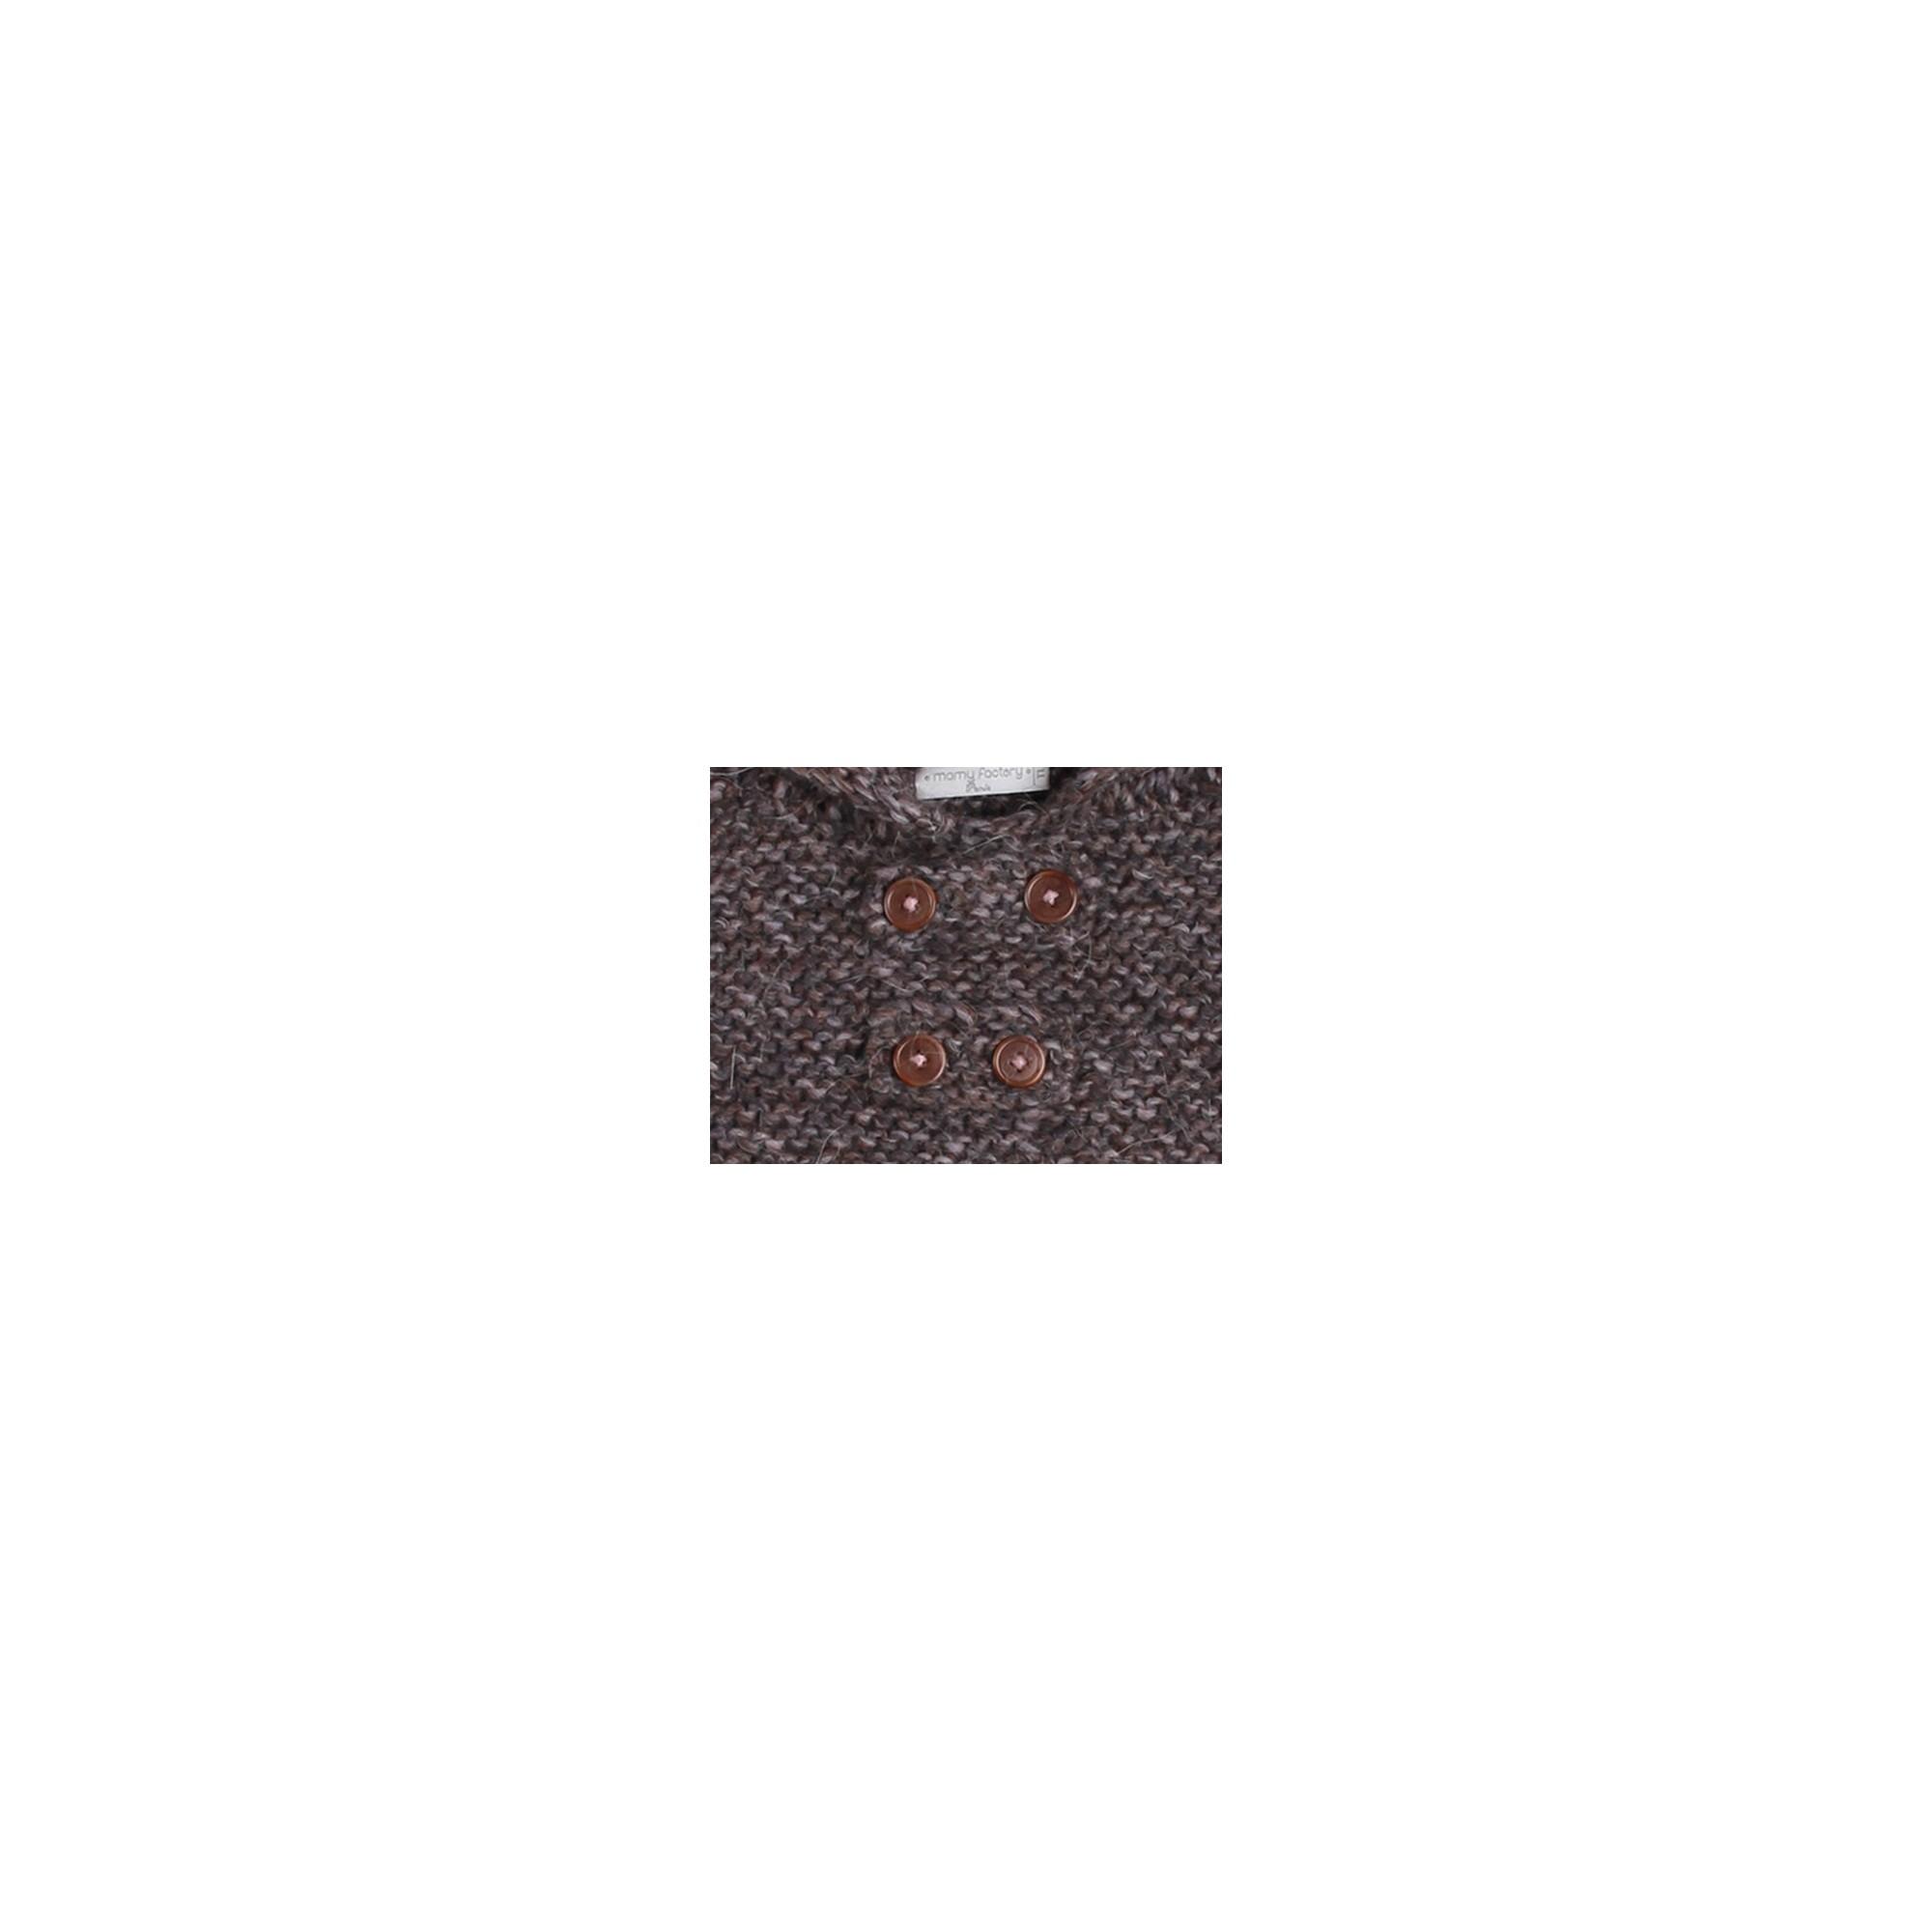 Cape bébé marron et mauve, au point mousse, en laine et alpaga - détail